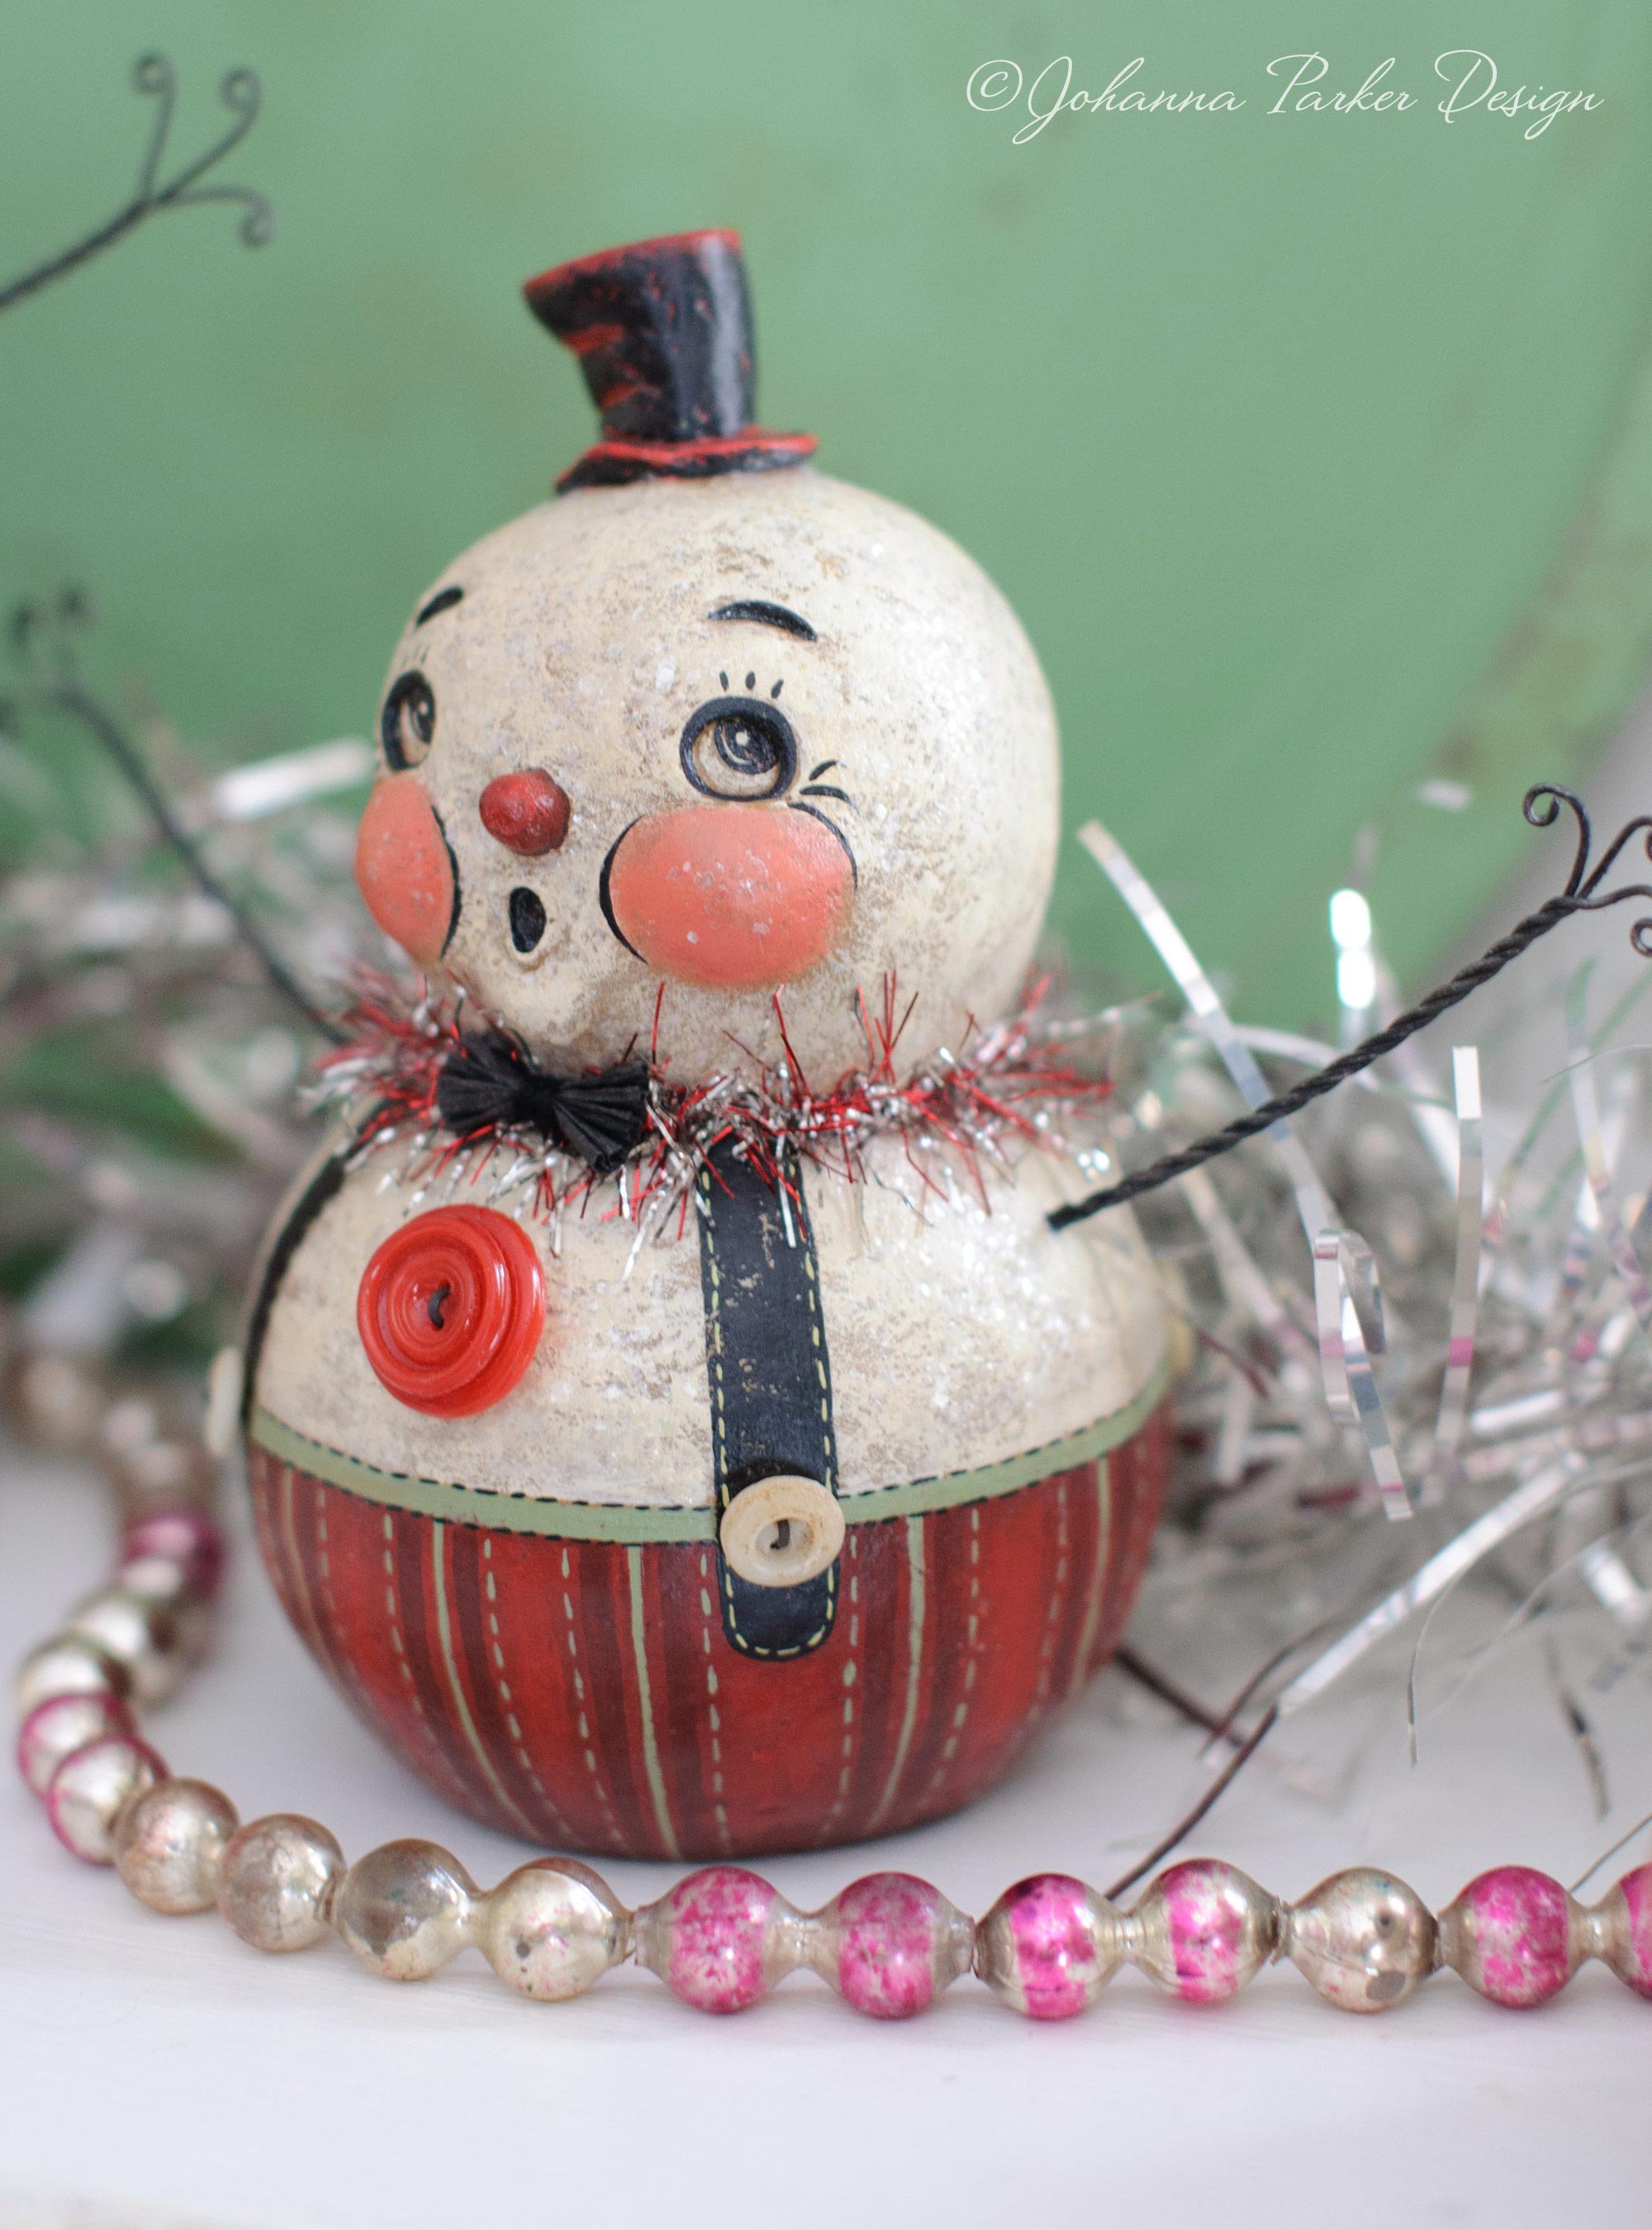 Dapper top hat snowman